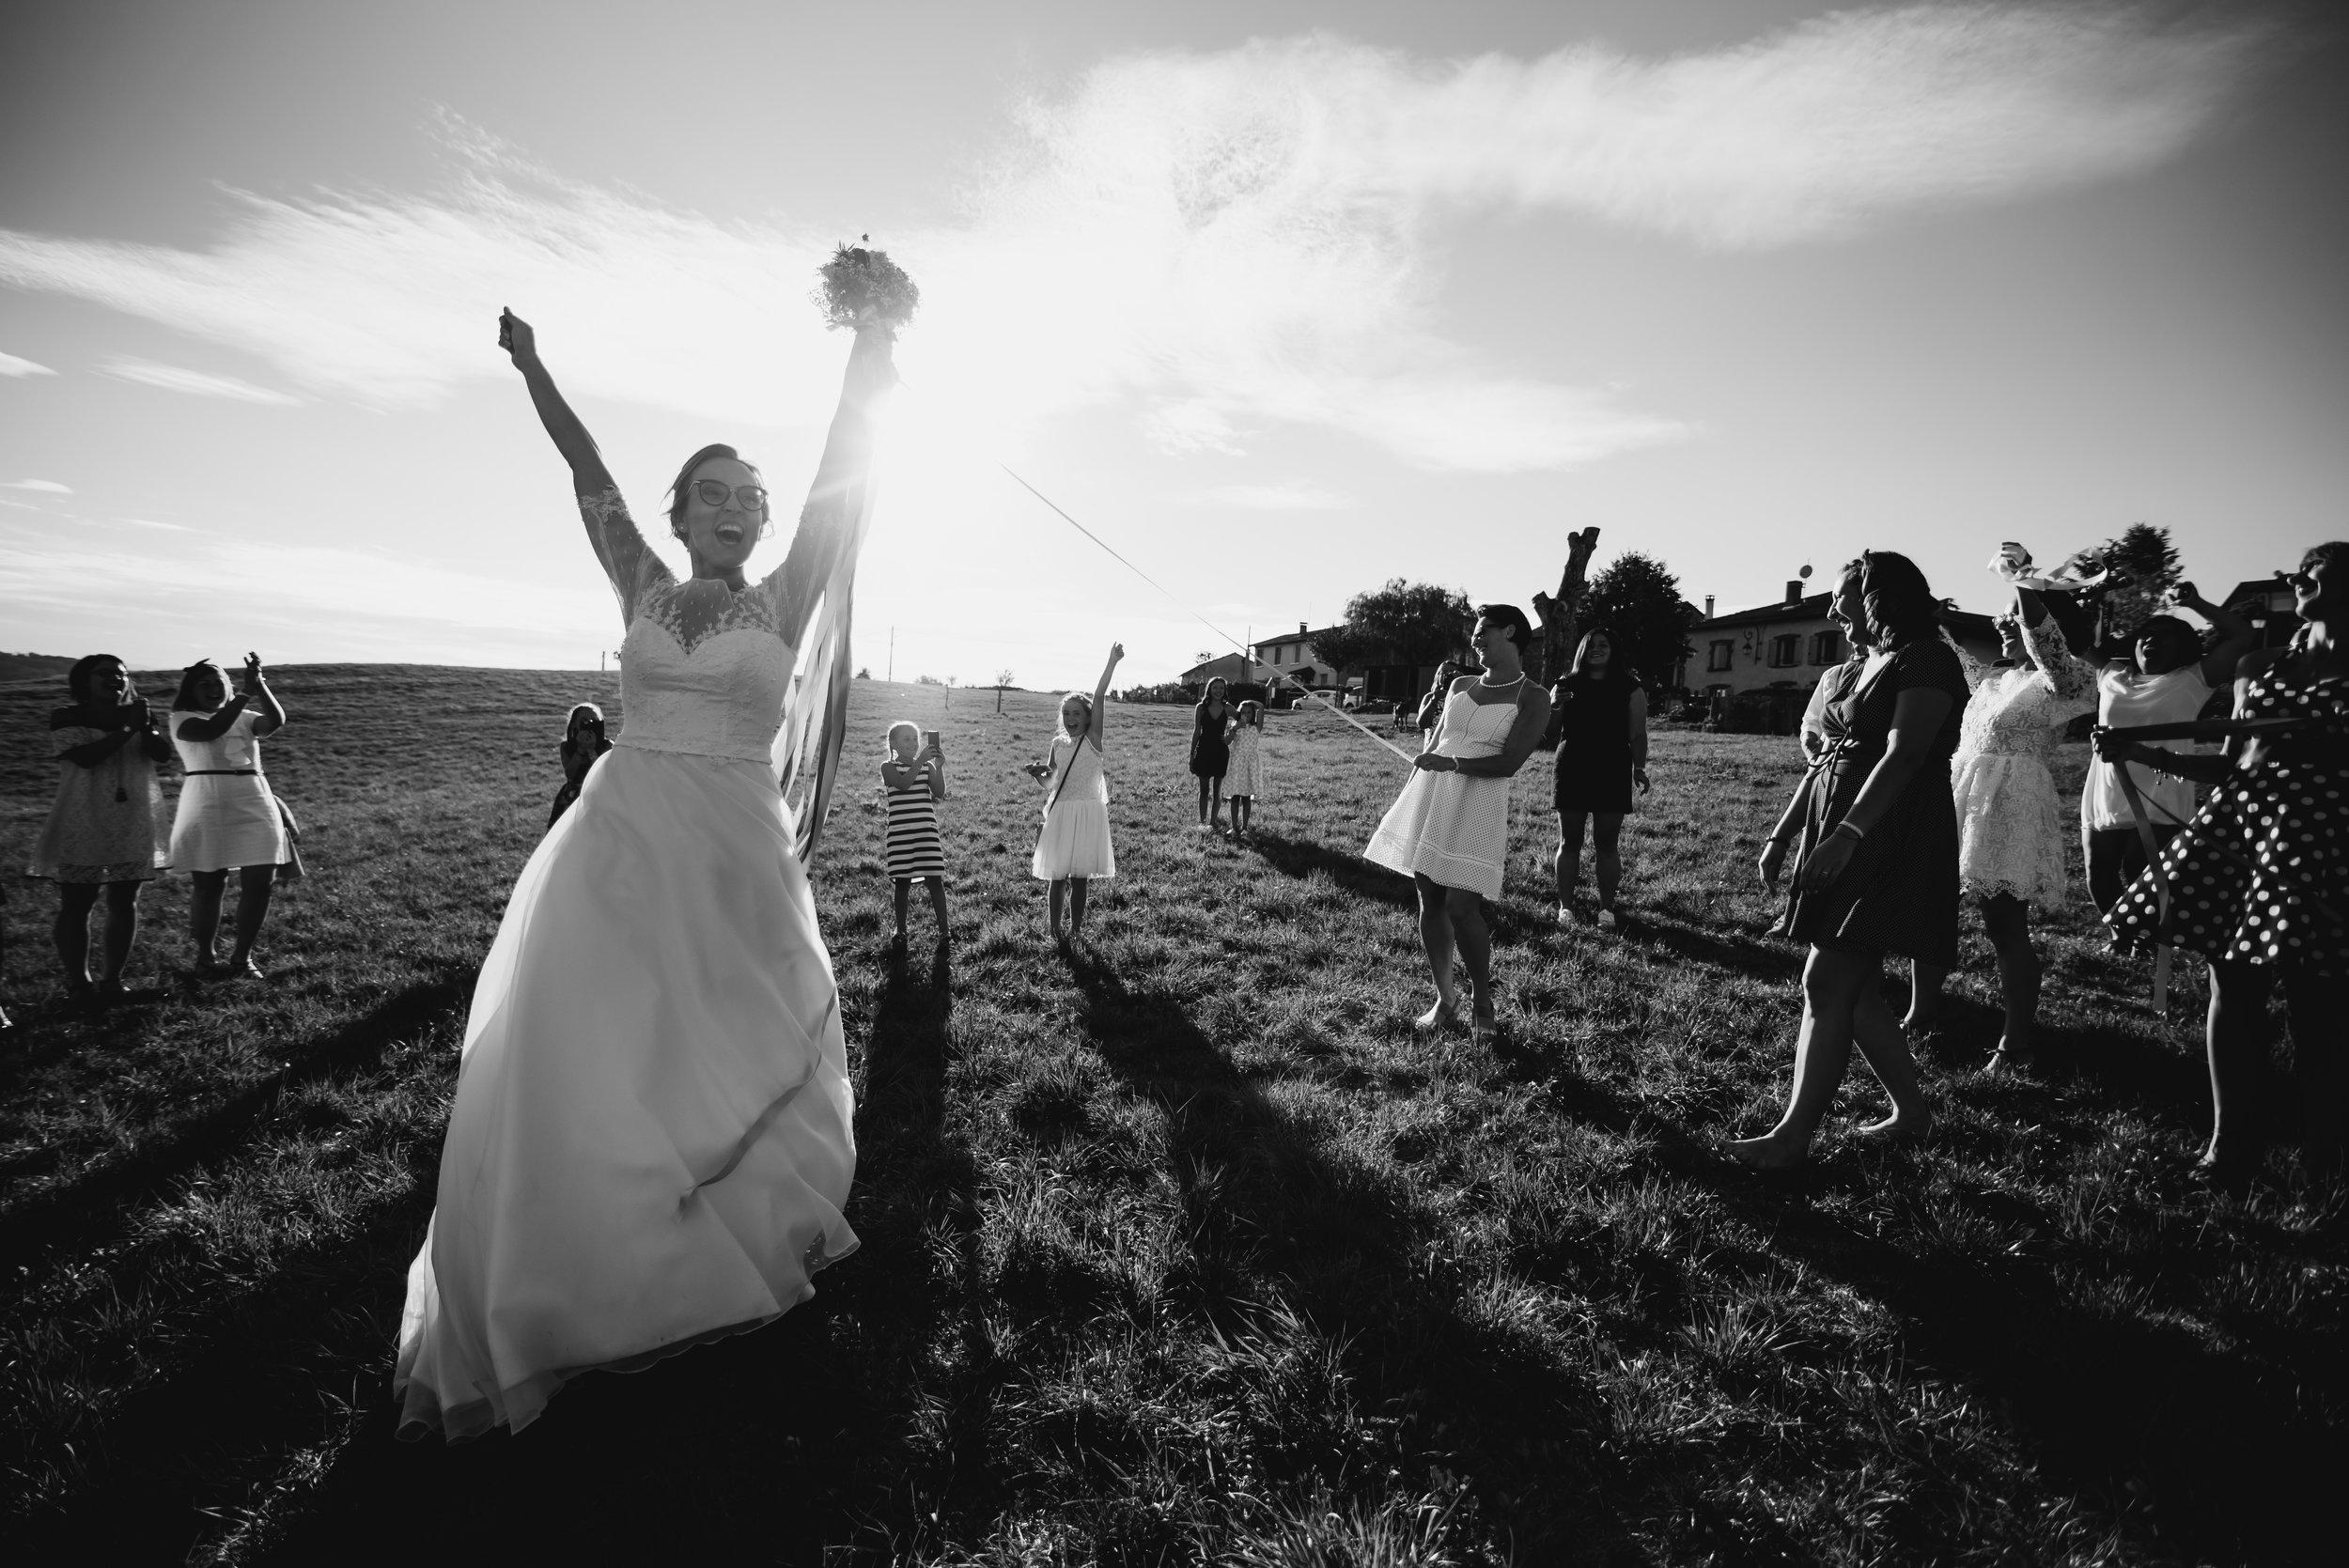 Léa-Fery-photographe-professionnel-lyon-rhone-alpes-portrait-creation-mariage-evenement-evenementiel-famille-2950.jpg